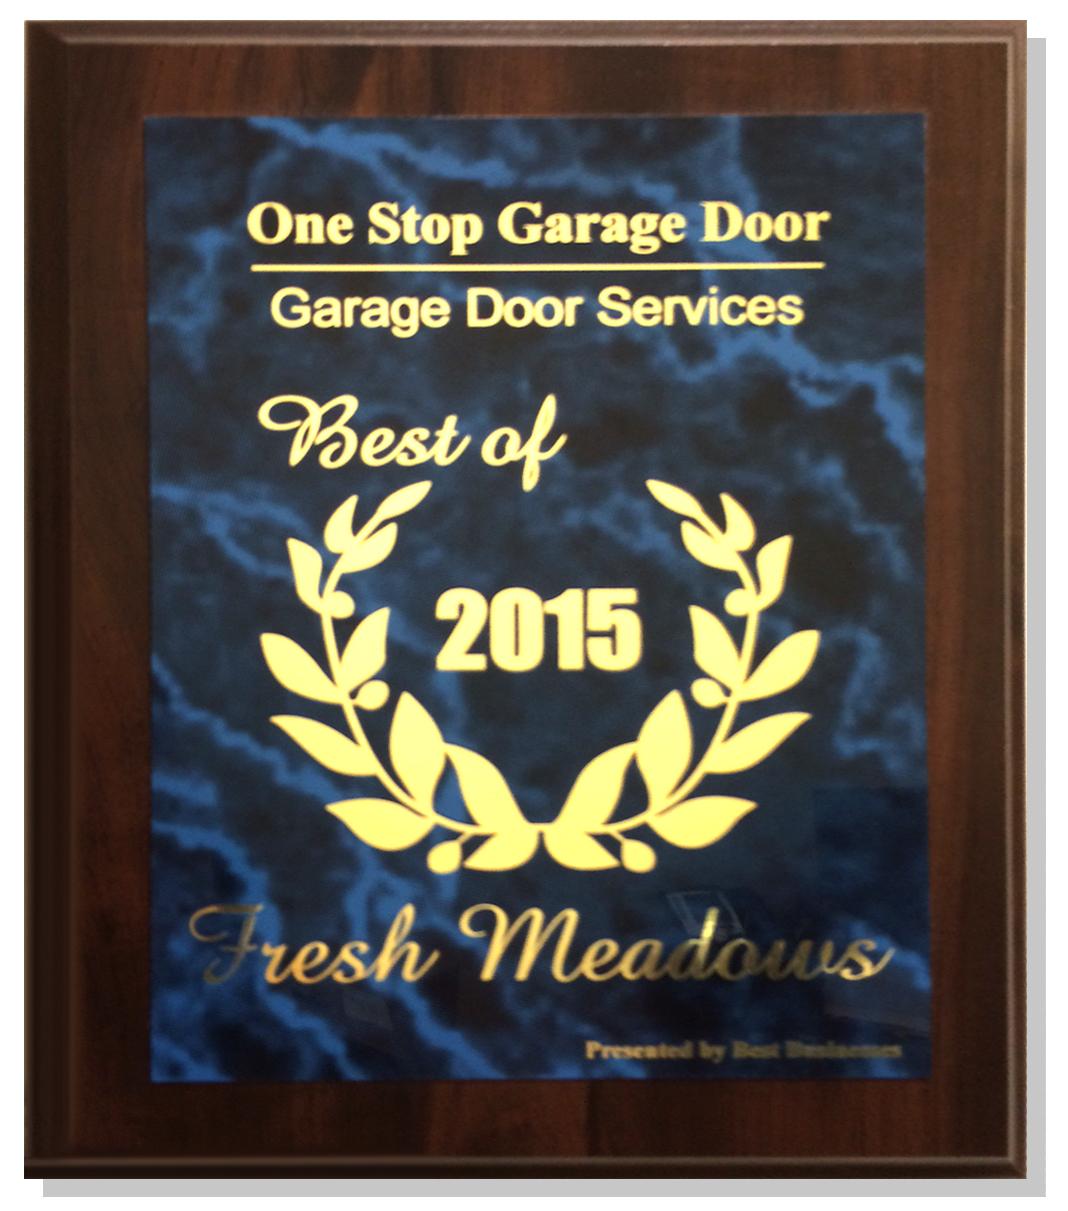 One Stop Garage Door Award